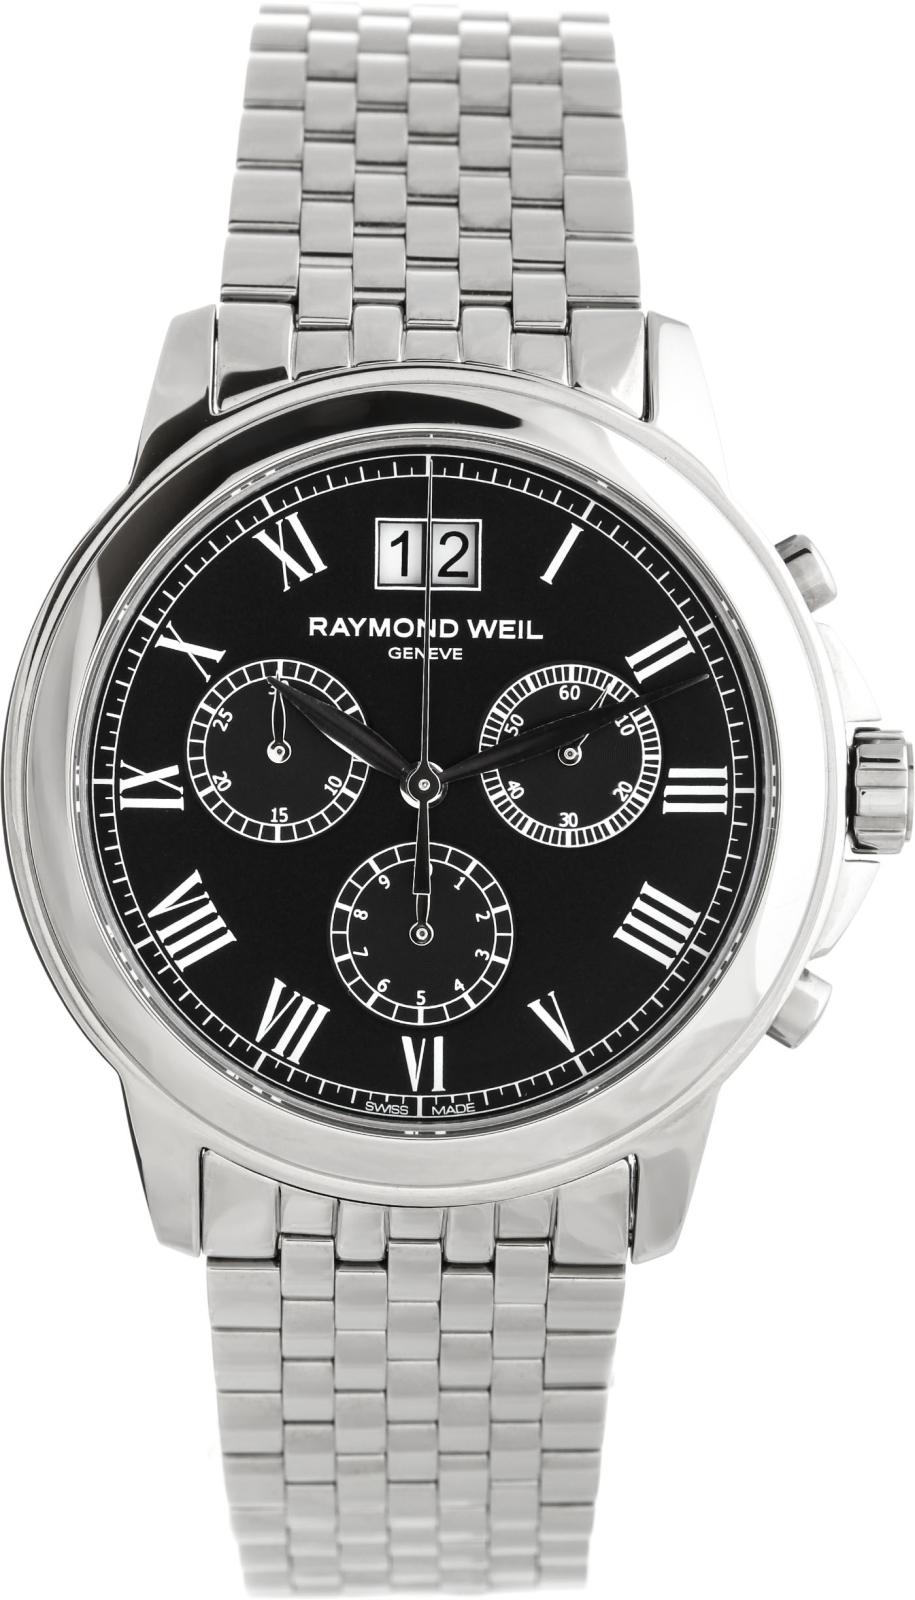 Raymond Weil Tradition 4476-ST-00200Наручные часы<br>Швейцарские часы Raymond Weil Tradition 4476-ST-00200Представленная модель входит в коллекцию Tradition. Это модные мужские часы. Материал корпуса часов — сталь. В этой модели стоит сапфировое стекло. Часы выдерживают давление на глубине 50 м. Основной цвет циферблата черный. Циферблат часов содержит часы, минуты, секунды. В этих часах используются такие усложнения как дата, хронограф. Диаметр корпуса часов составляет 39мм.<br><br>Для кого?: Мужские<br>Страна-производитель: Швейцария<br>Механизм: Кварцевый<br>Материал корпуса: Сталь<br>Материал ремня/браслета: Сталь<br>Водозащита, диапазон: 20 - 100 м<br>Стекло: Сапфировое<br>Толщина корпуса/: <br>Стиль: Спорт